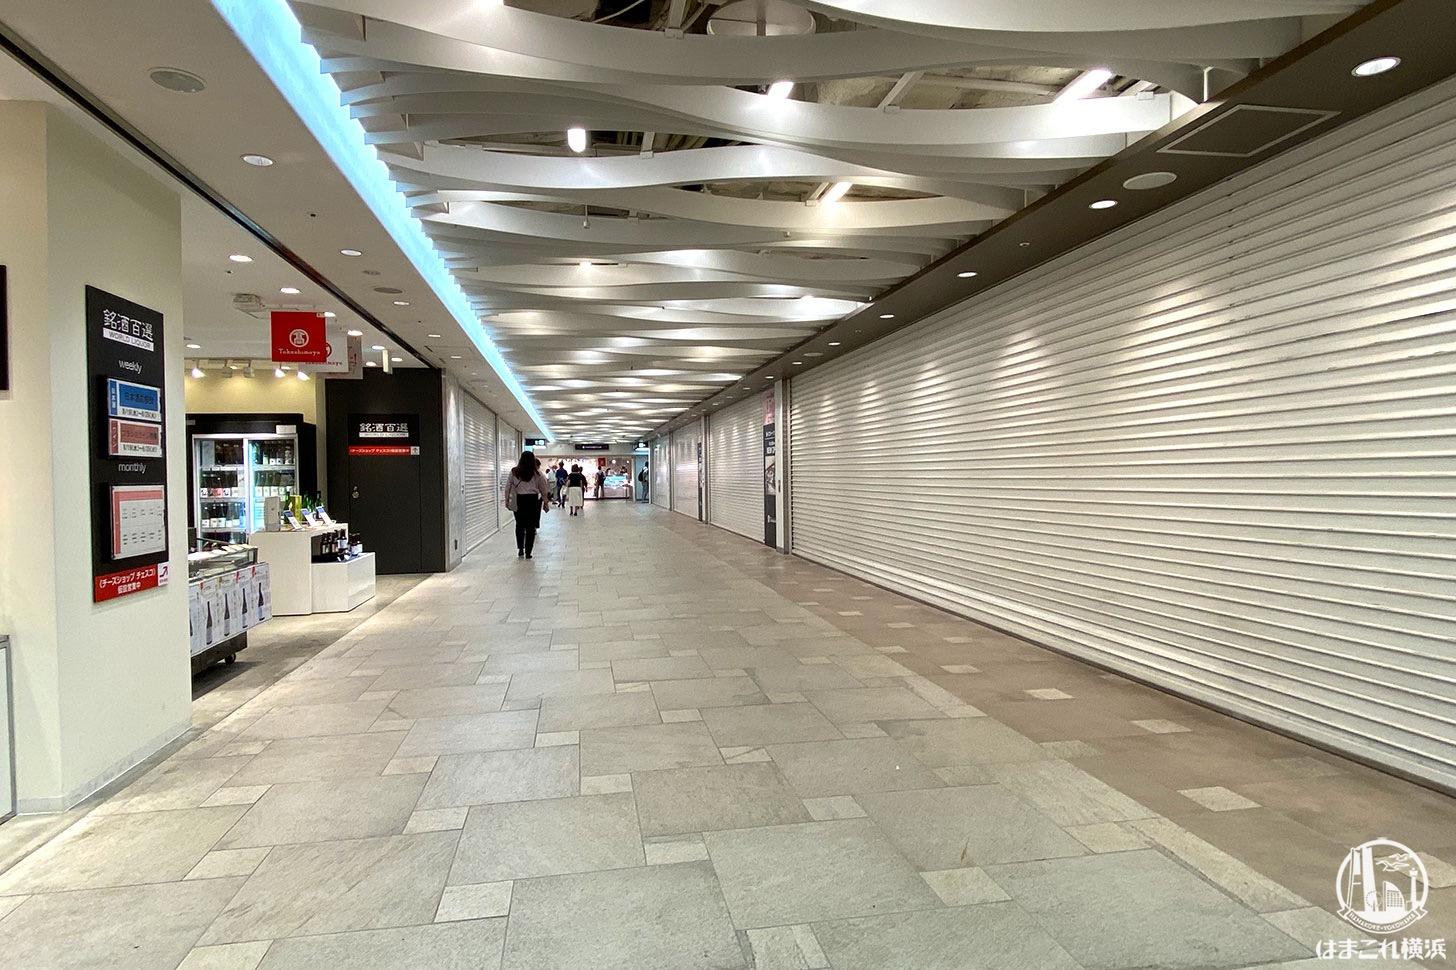 横浜高島屋 増床エリア